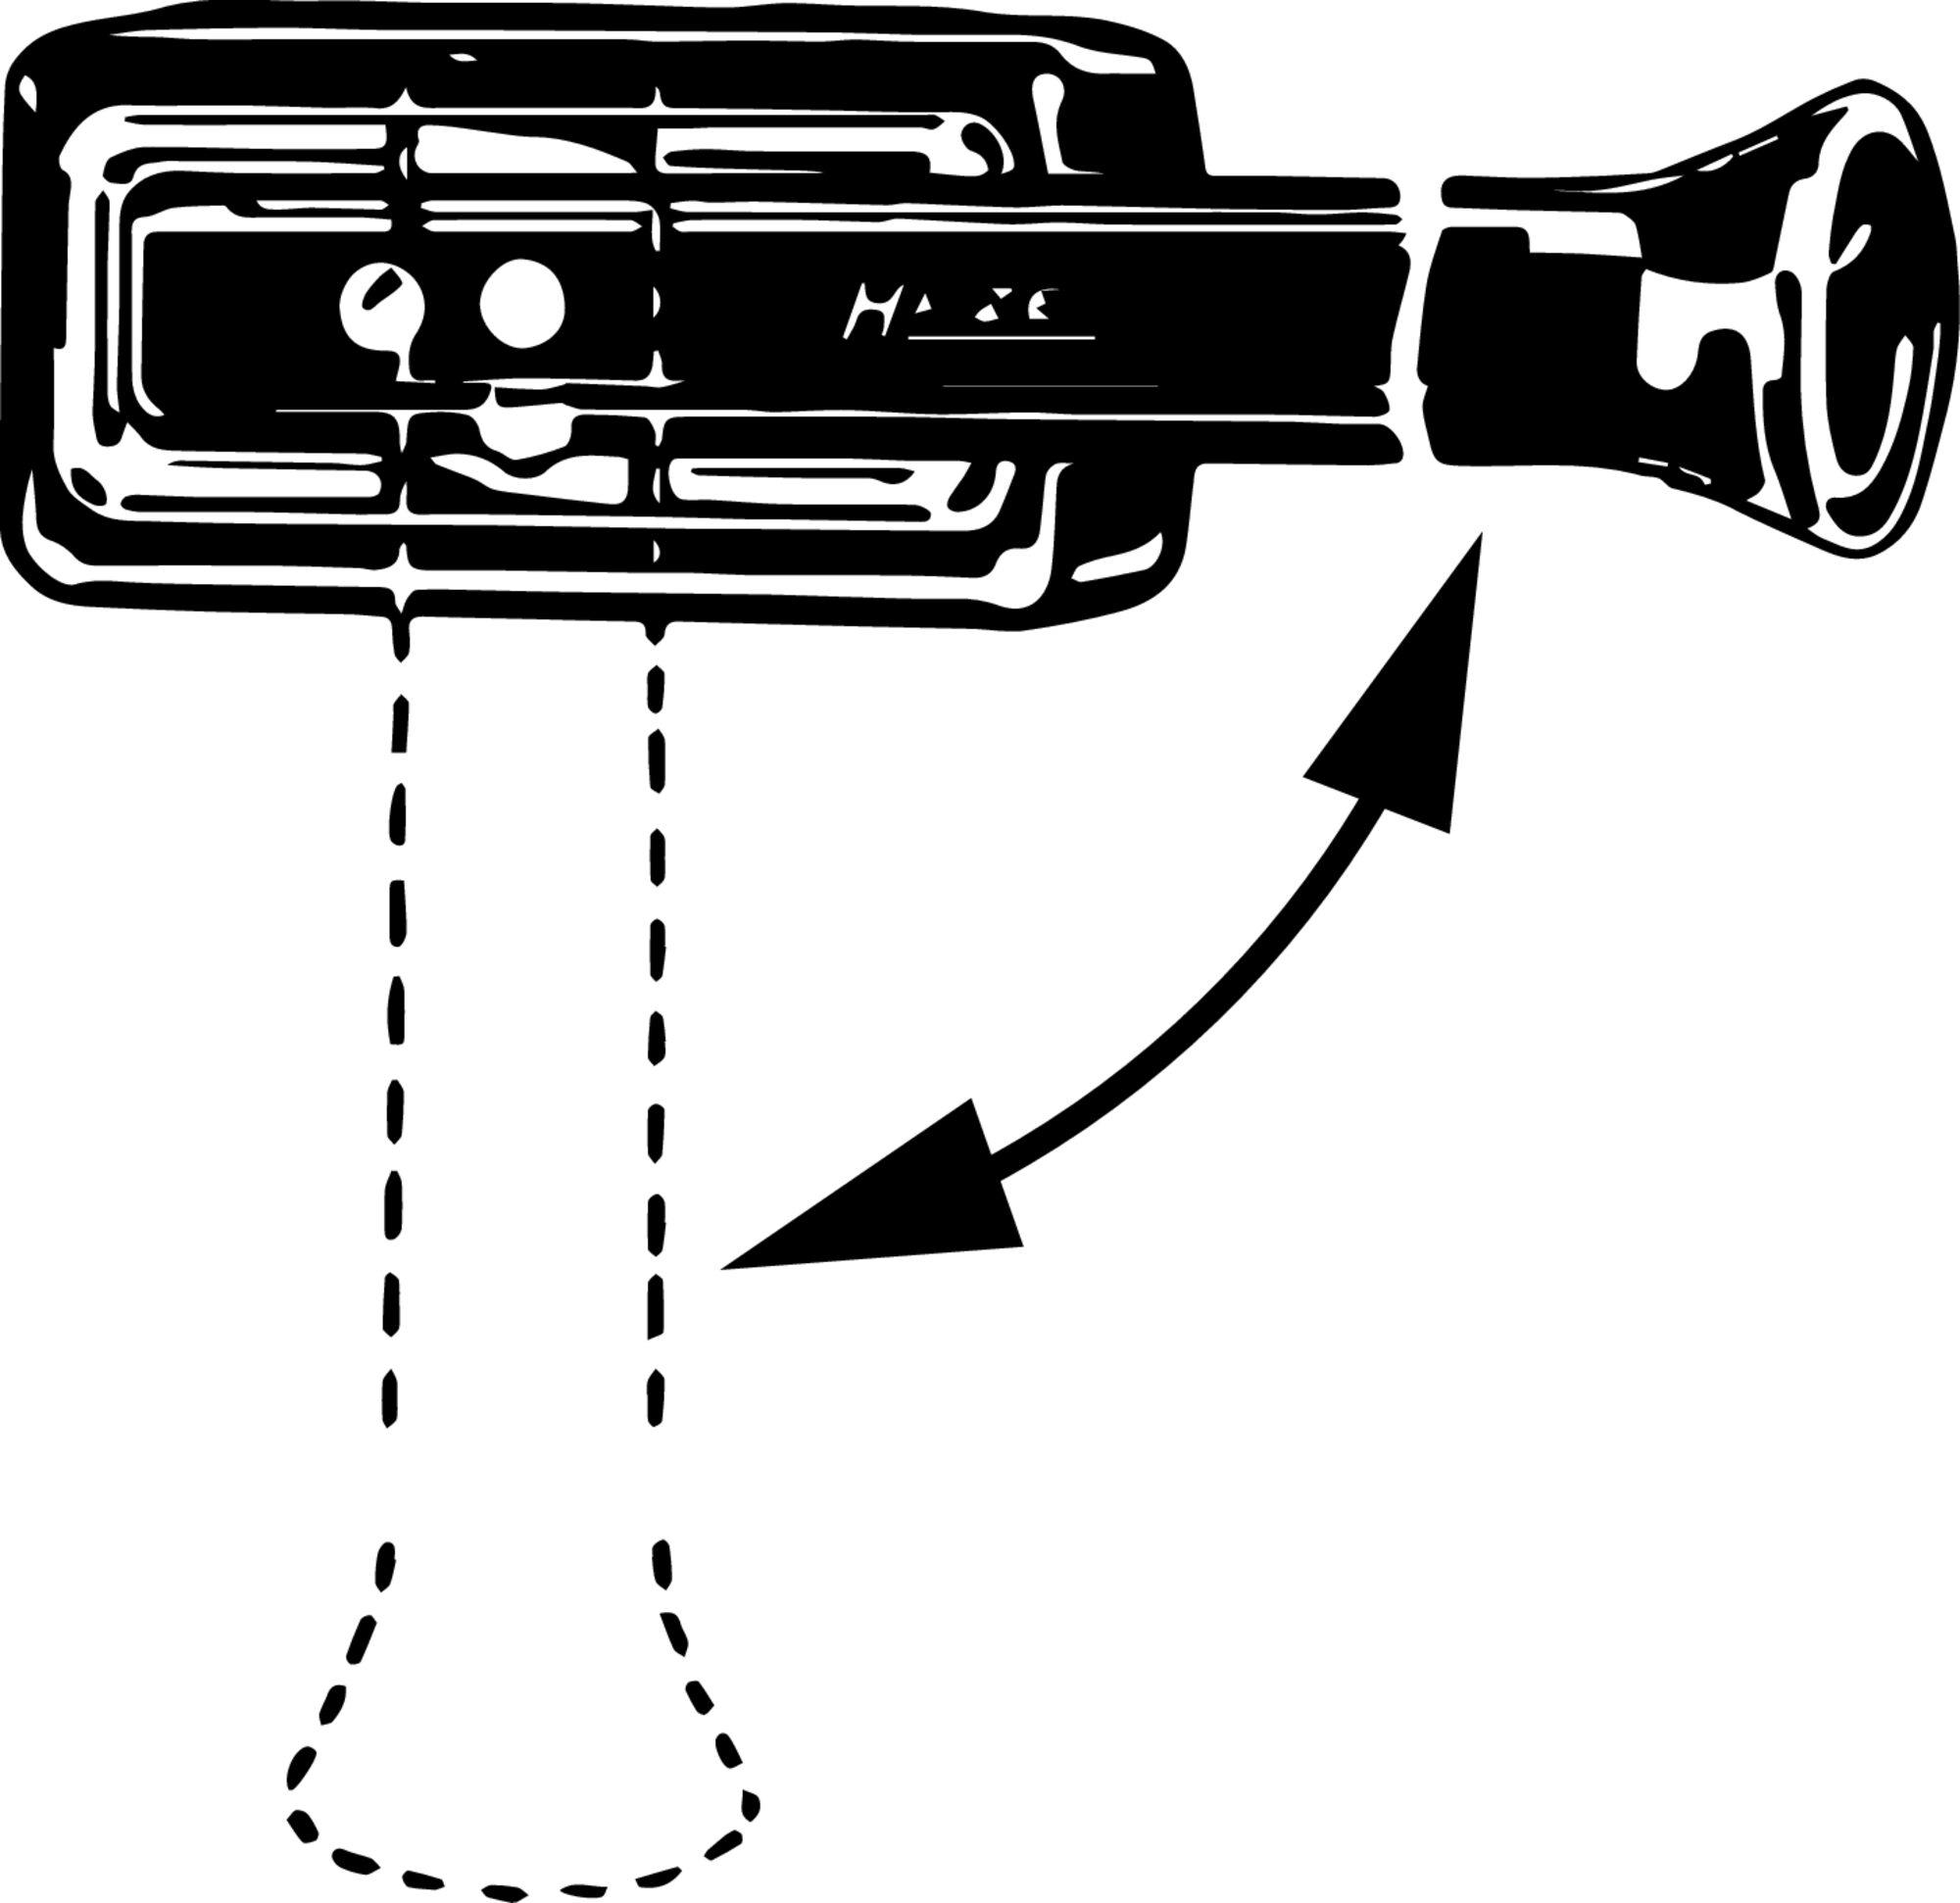 HAZET Klebschlag-Hammer 1959-3